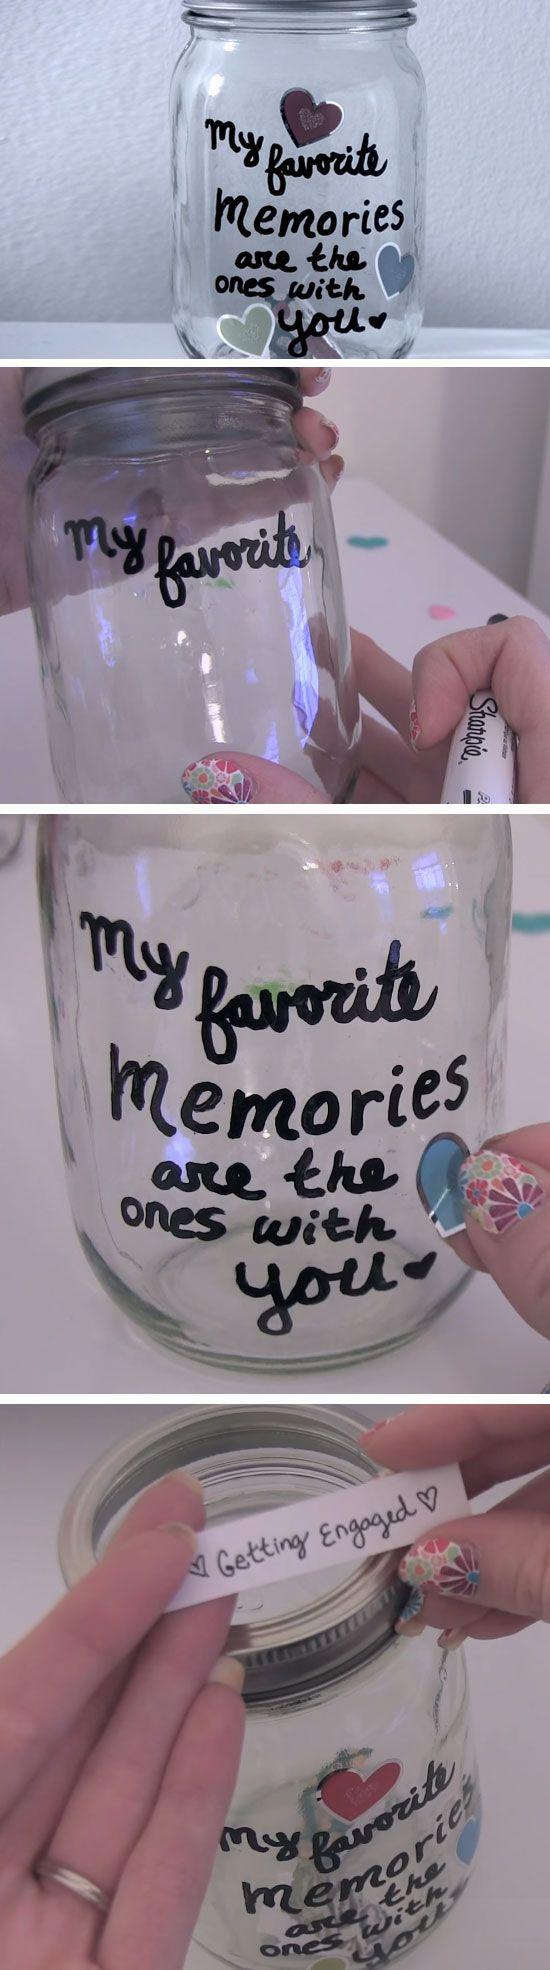 21 Valentine Ideas In A Mason Jar Diy Gifts For Boyfriend Diy Gifts For Him Girlfriend Gifts